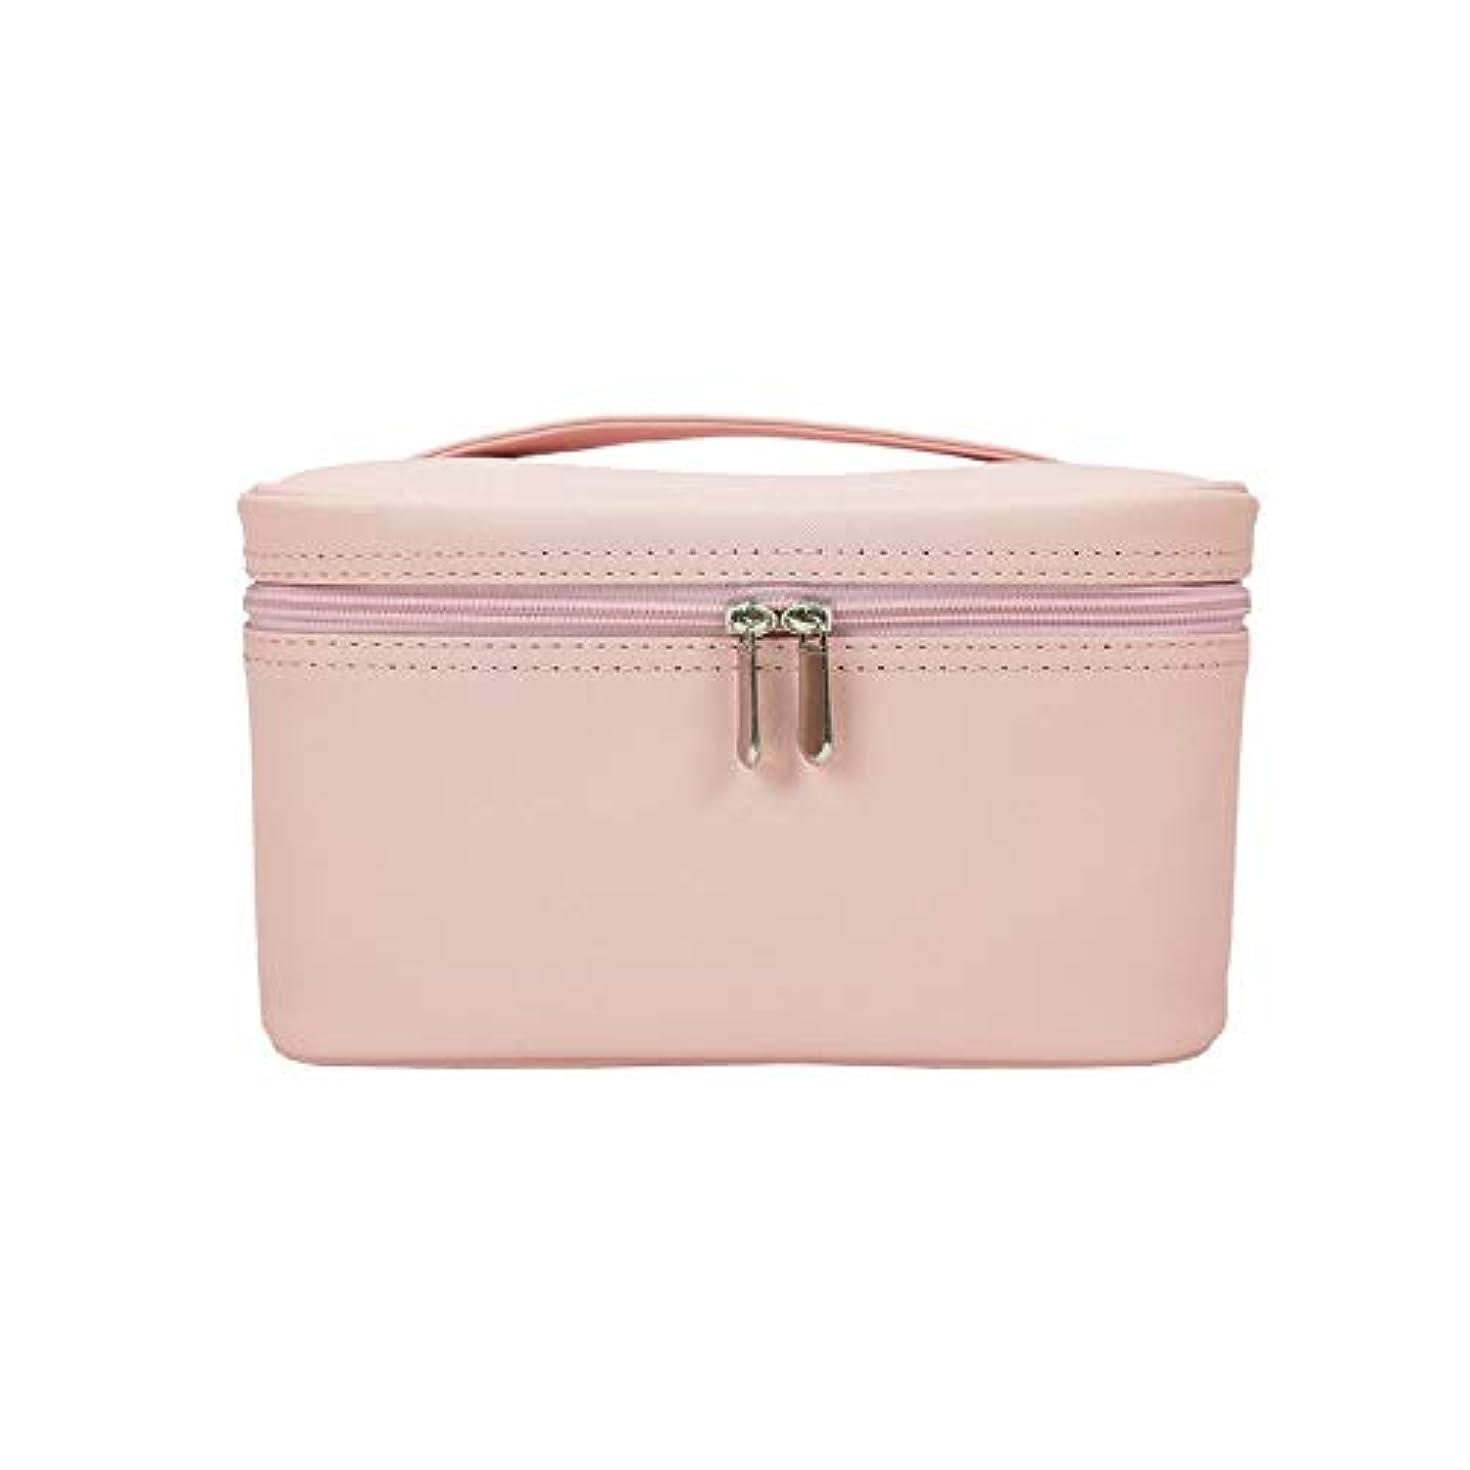 概要パーティションリーガン化粧オーガナイザーバッグ メイクアップトラベルバッグPUレター防水化粧ケースのティーン女の子の女性のアーティスト 化粧品ケース (色 : ピンク)